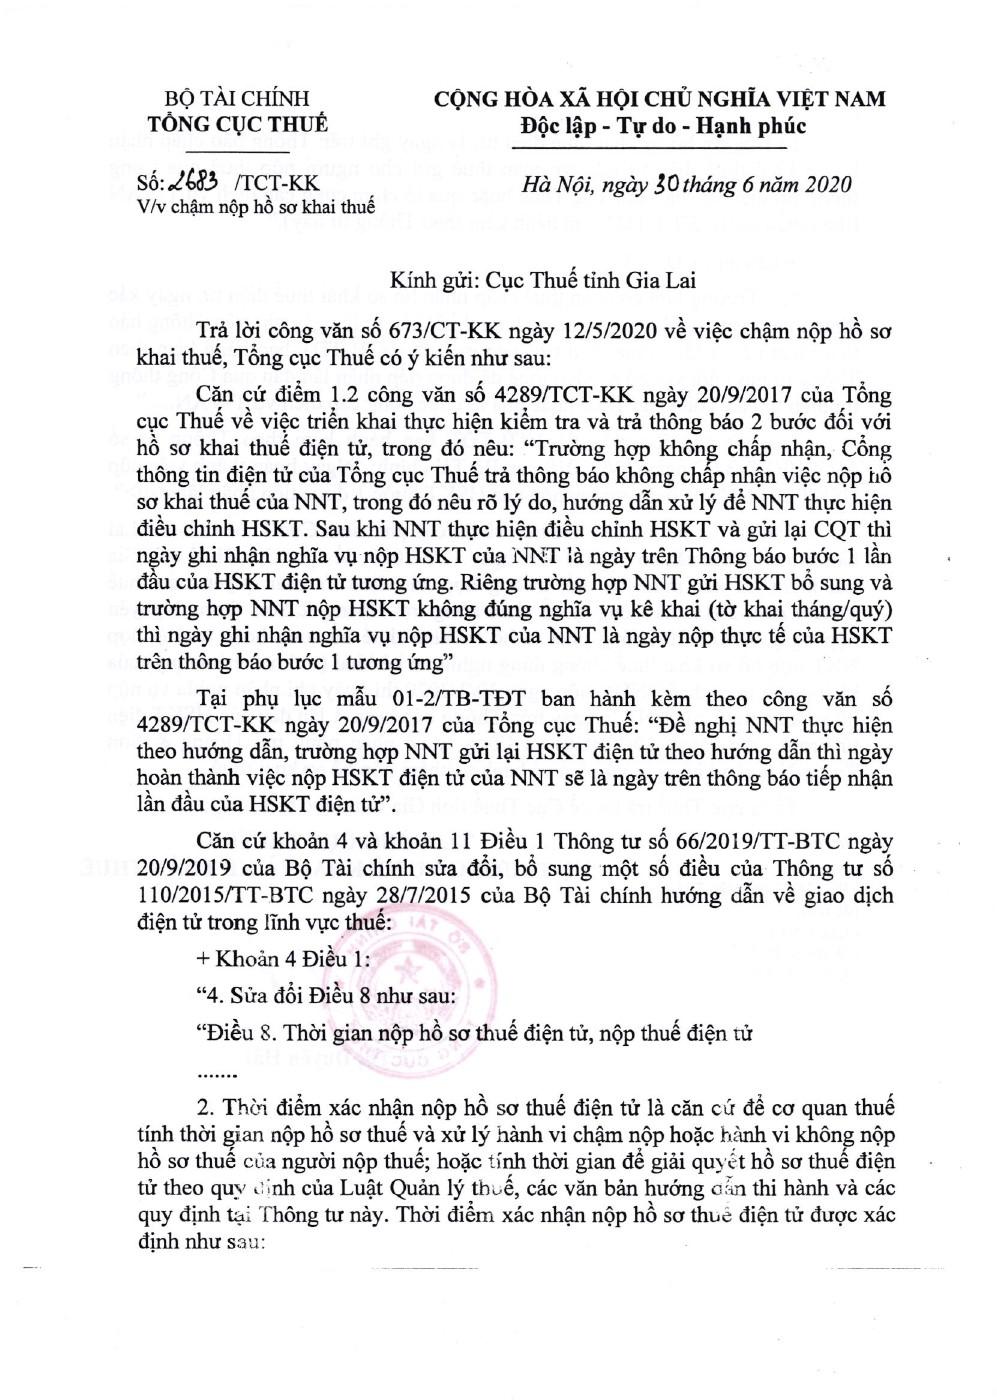 Công văn số 2683/TCT-KK của Tổng cục Thuế ngày 30/06/2020 v/v chậm nộp hồ sơ khai thuế